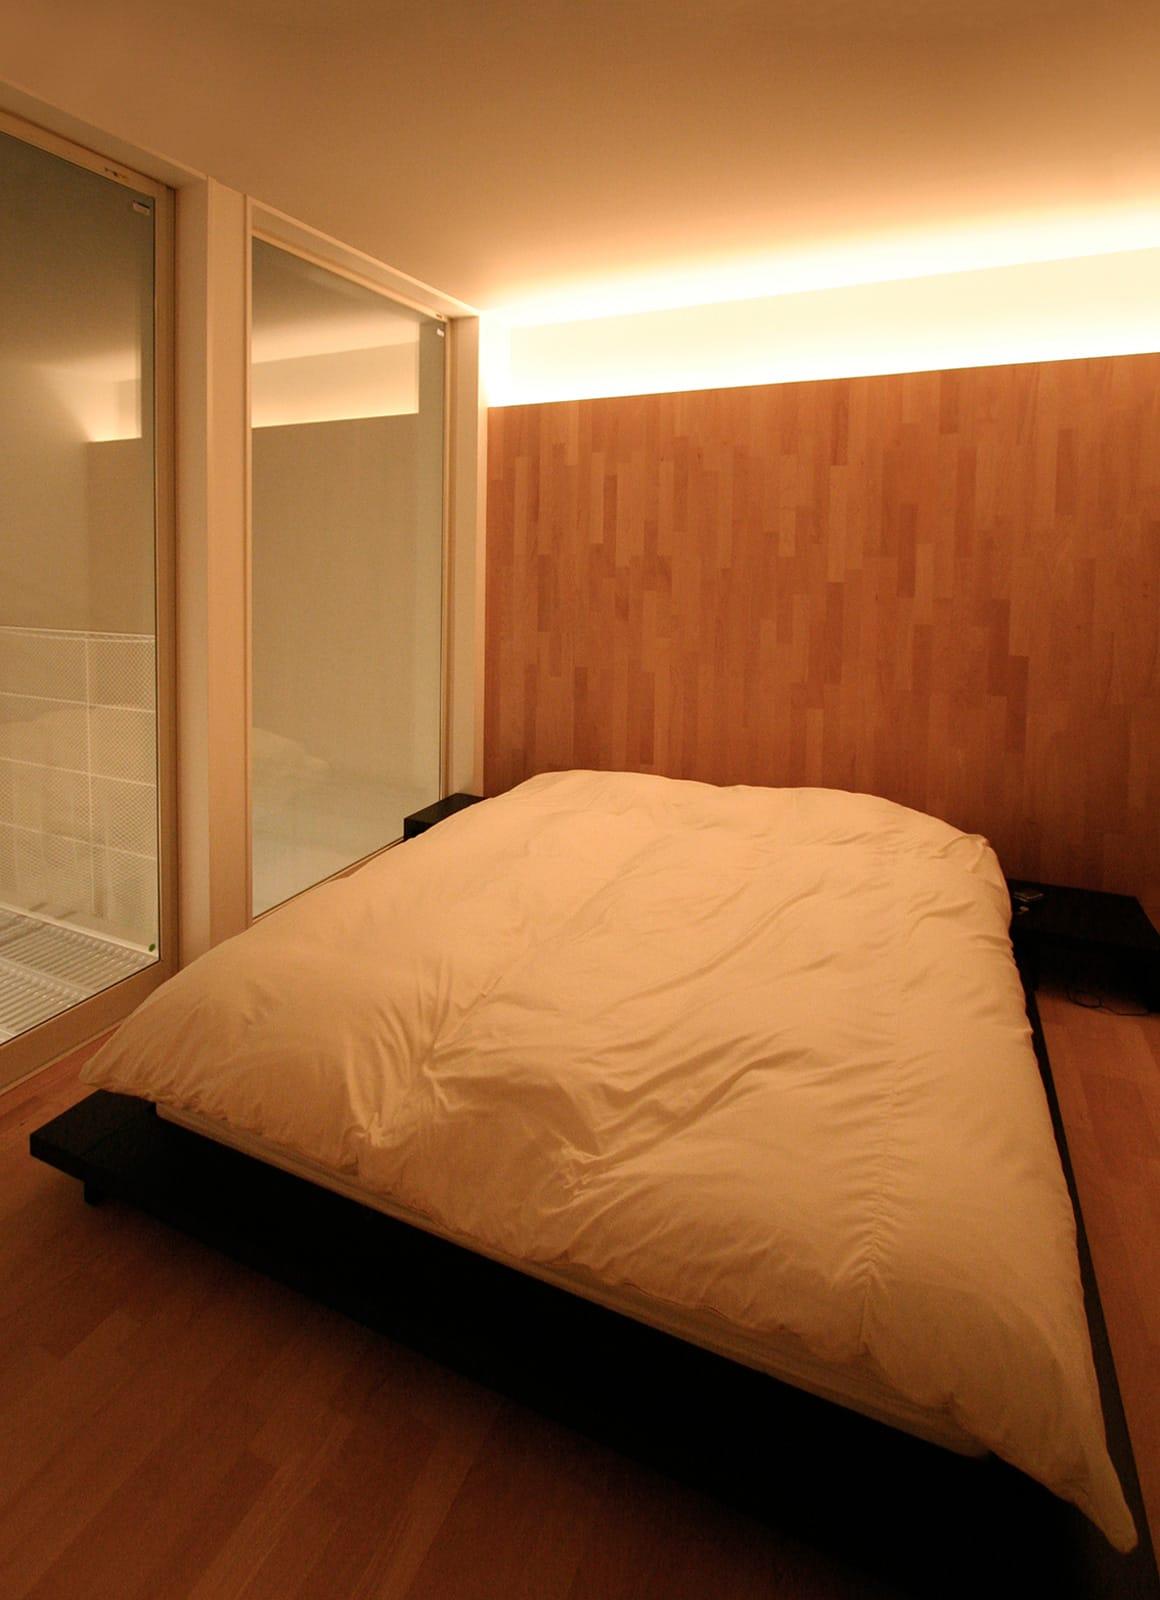 インナーテラスのある明るい住宅の夕景(内部)2